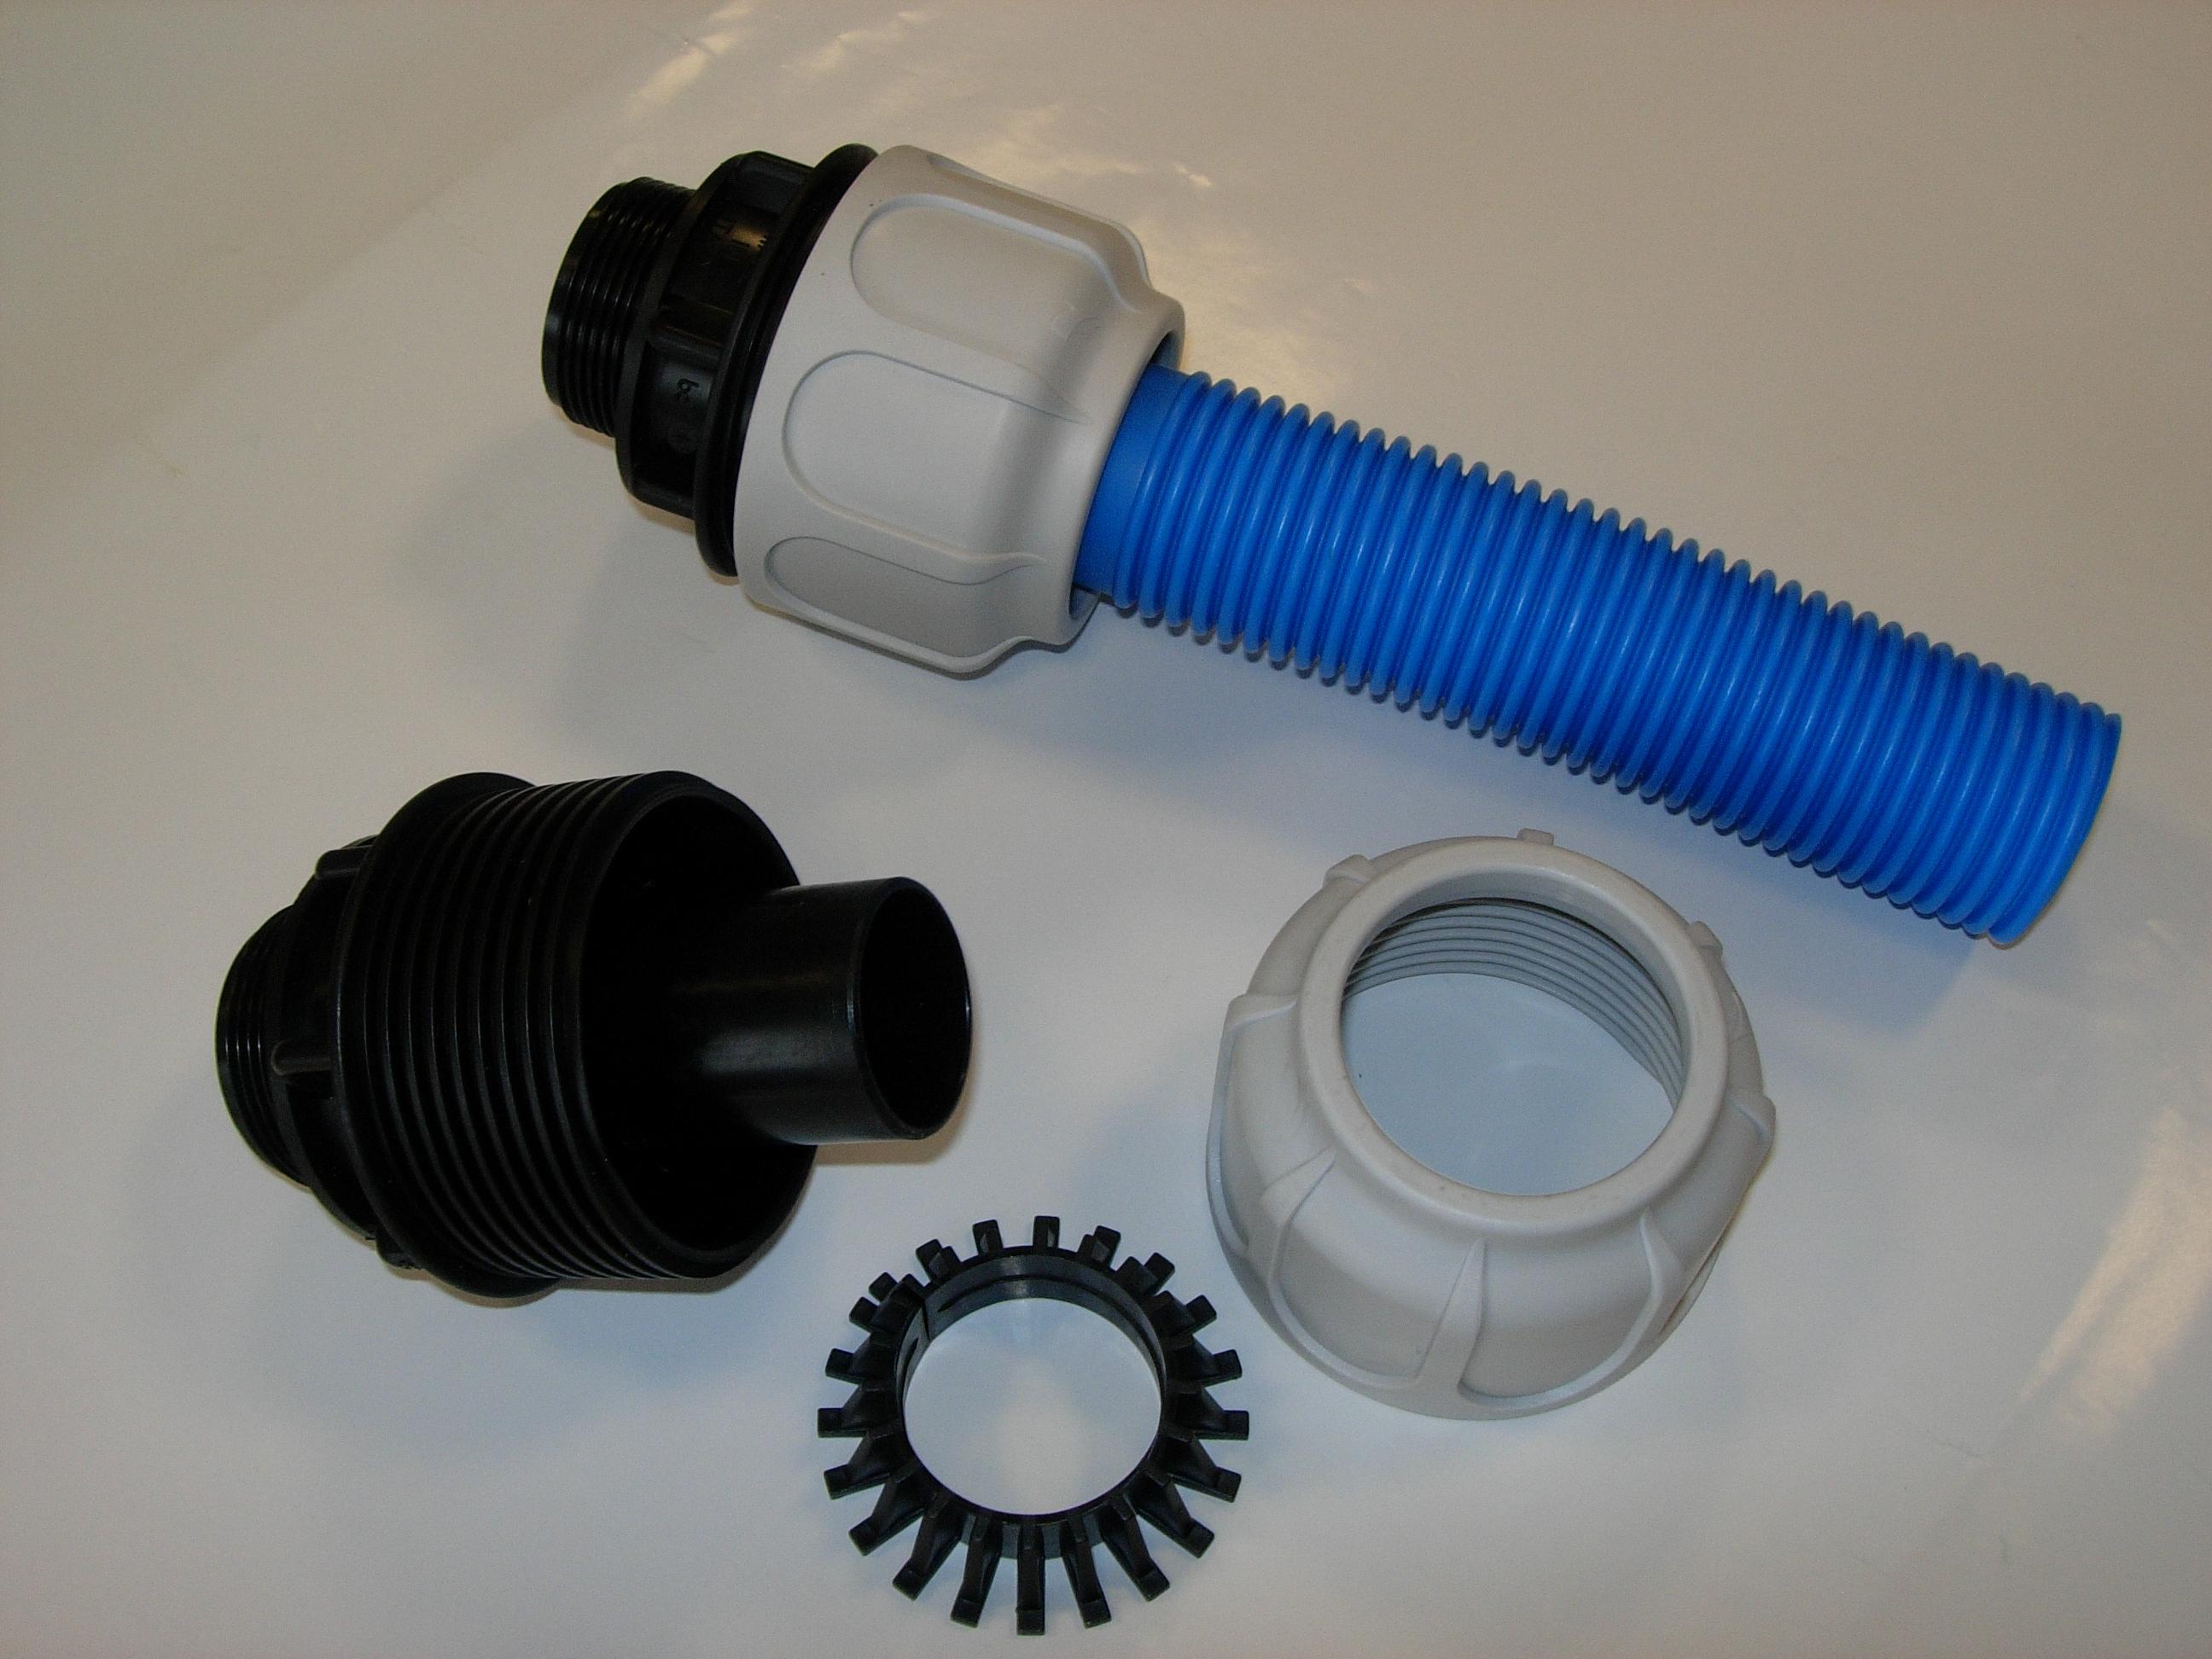 Raccordi a compressione per tubo piscina 38 mm 1 pz for Tubo giardino 5 8